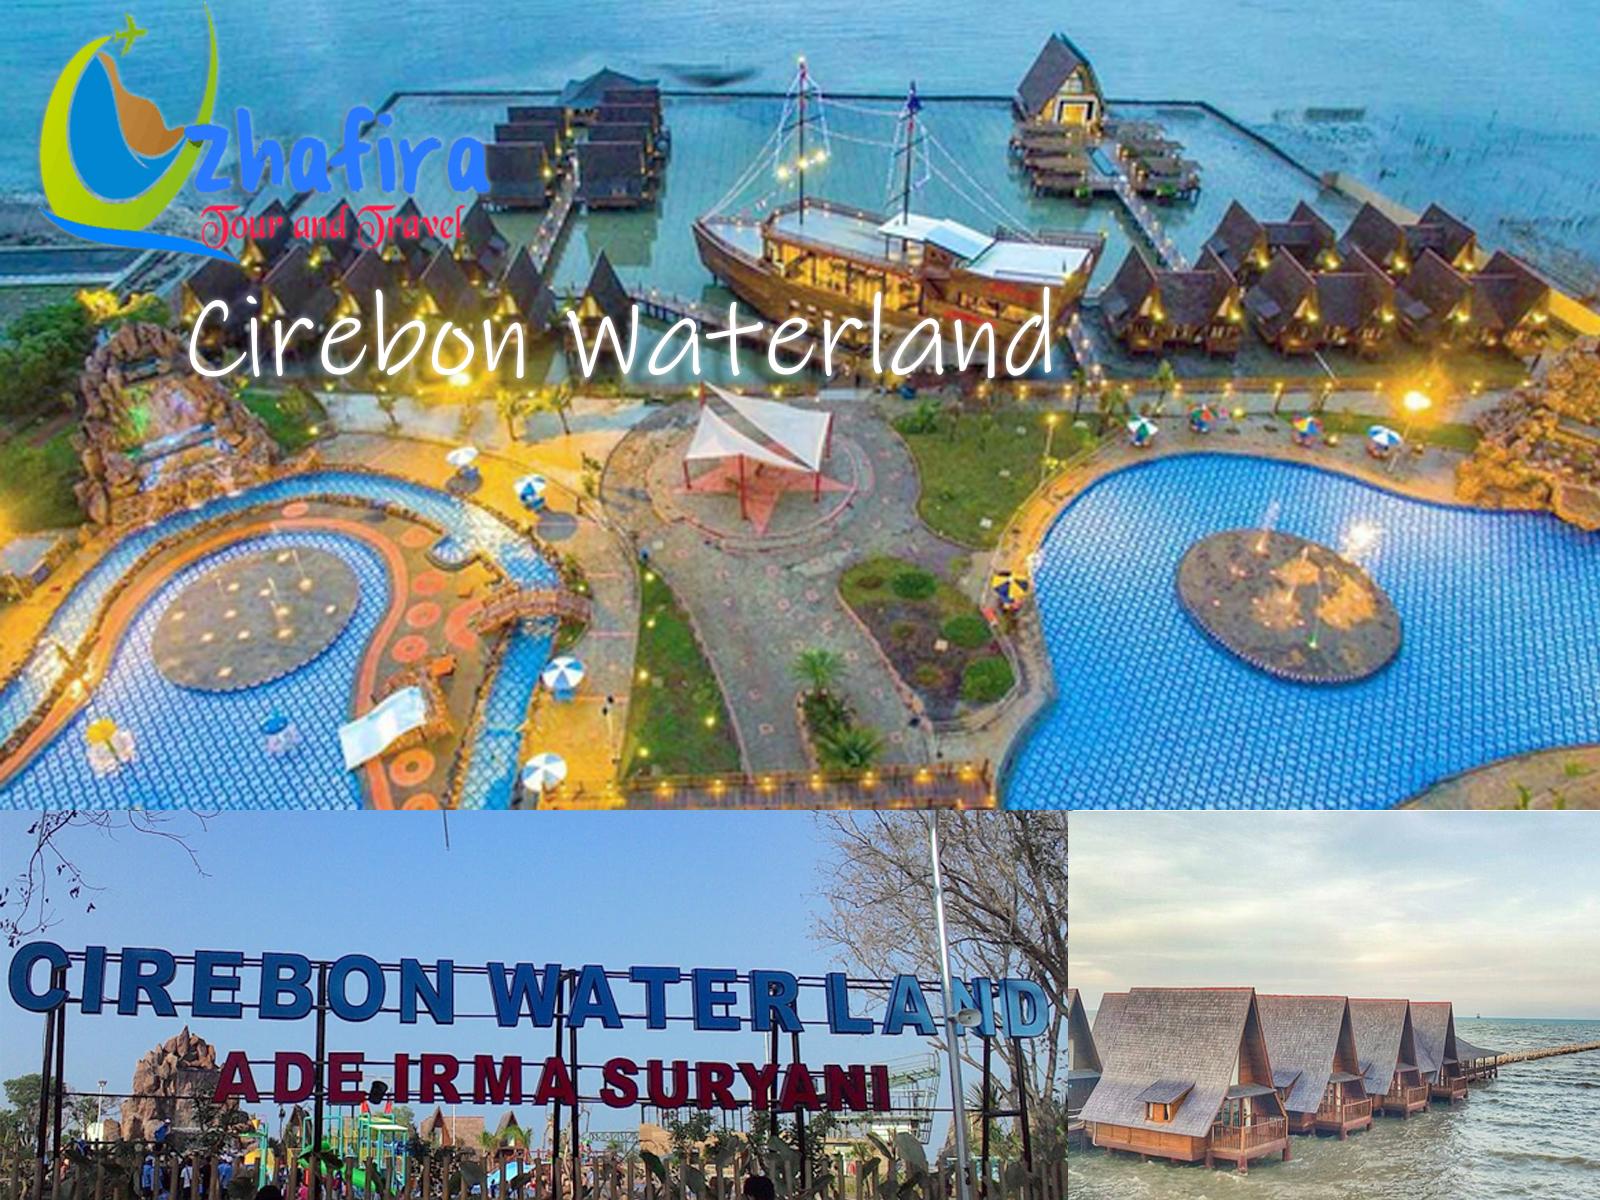 Cirebon Waterland Bersama Zhafira Tour and Travel Cirebon